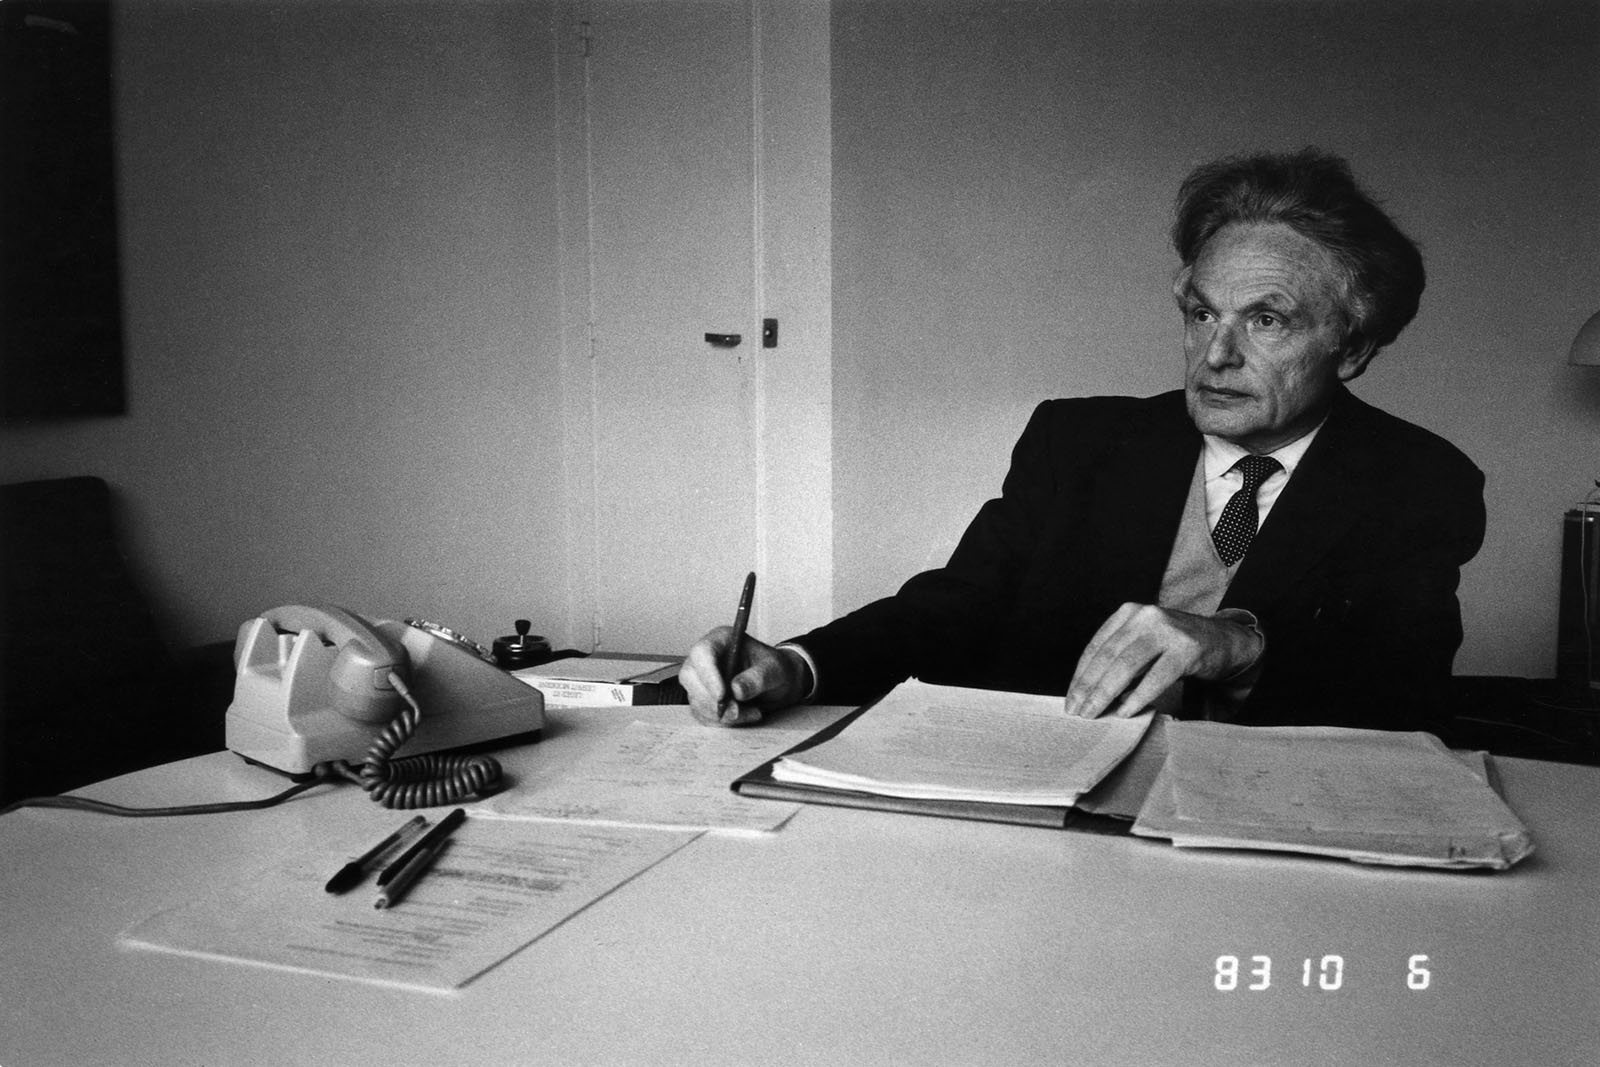 Frank-Popper-1983-Boissier